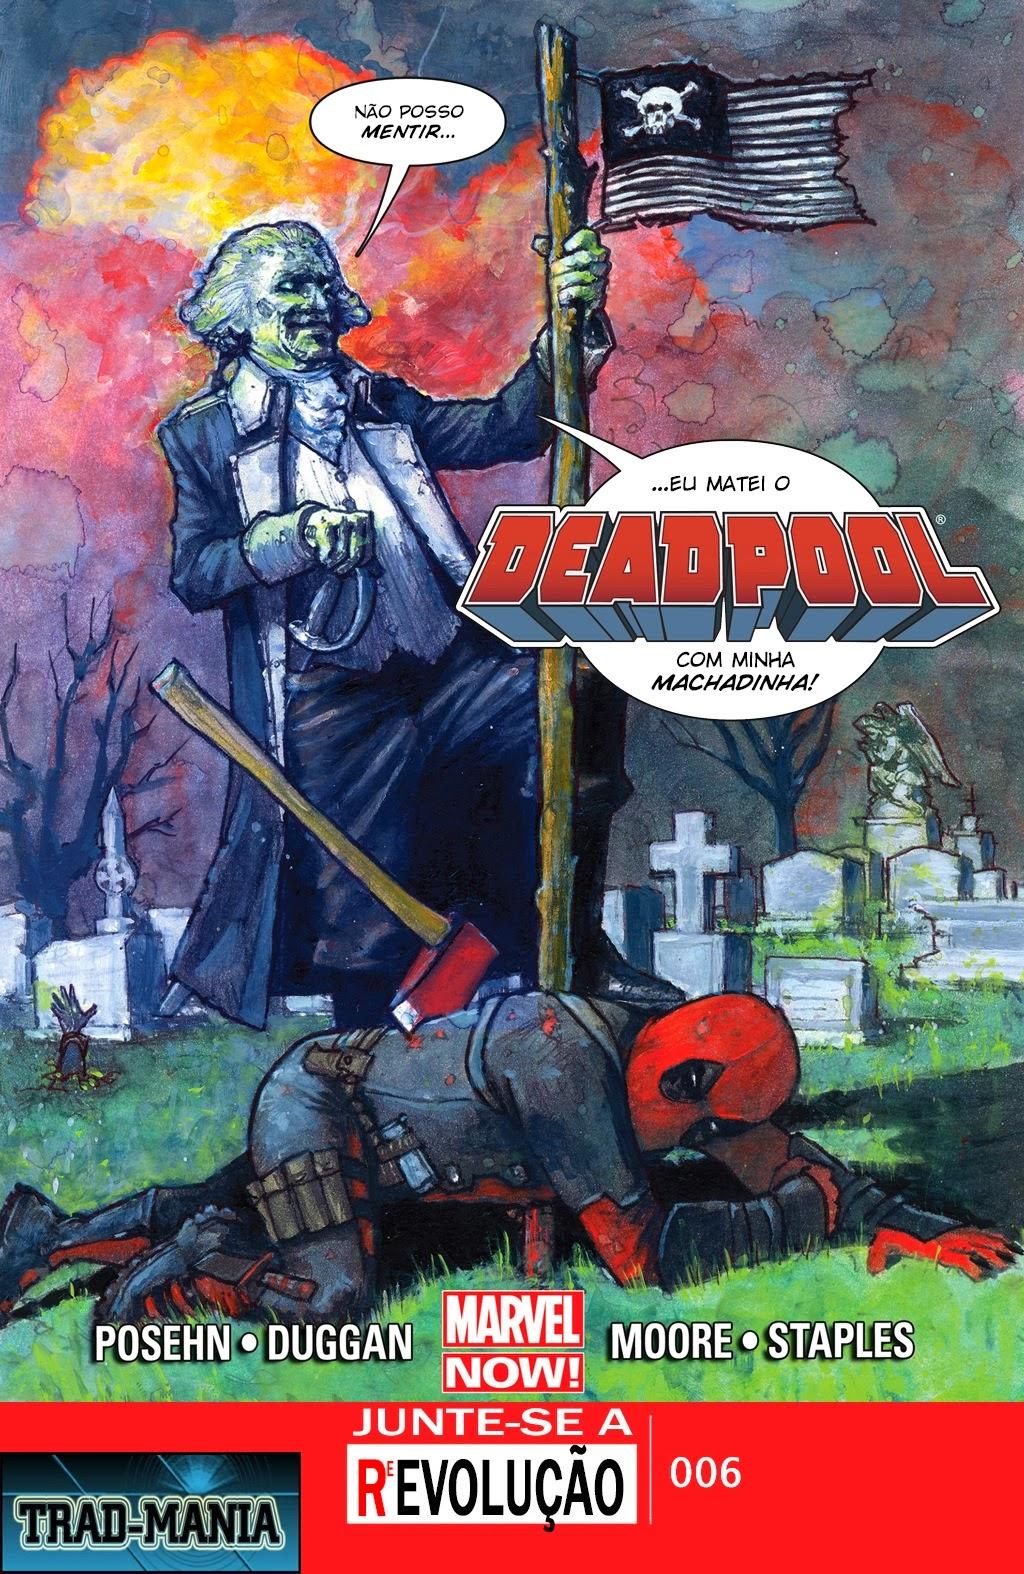 Nova Marvel! Deadpool v5 #6